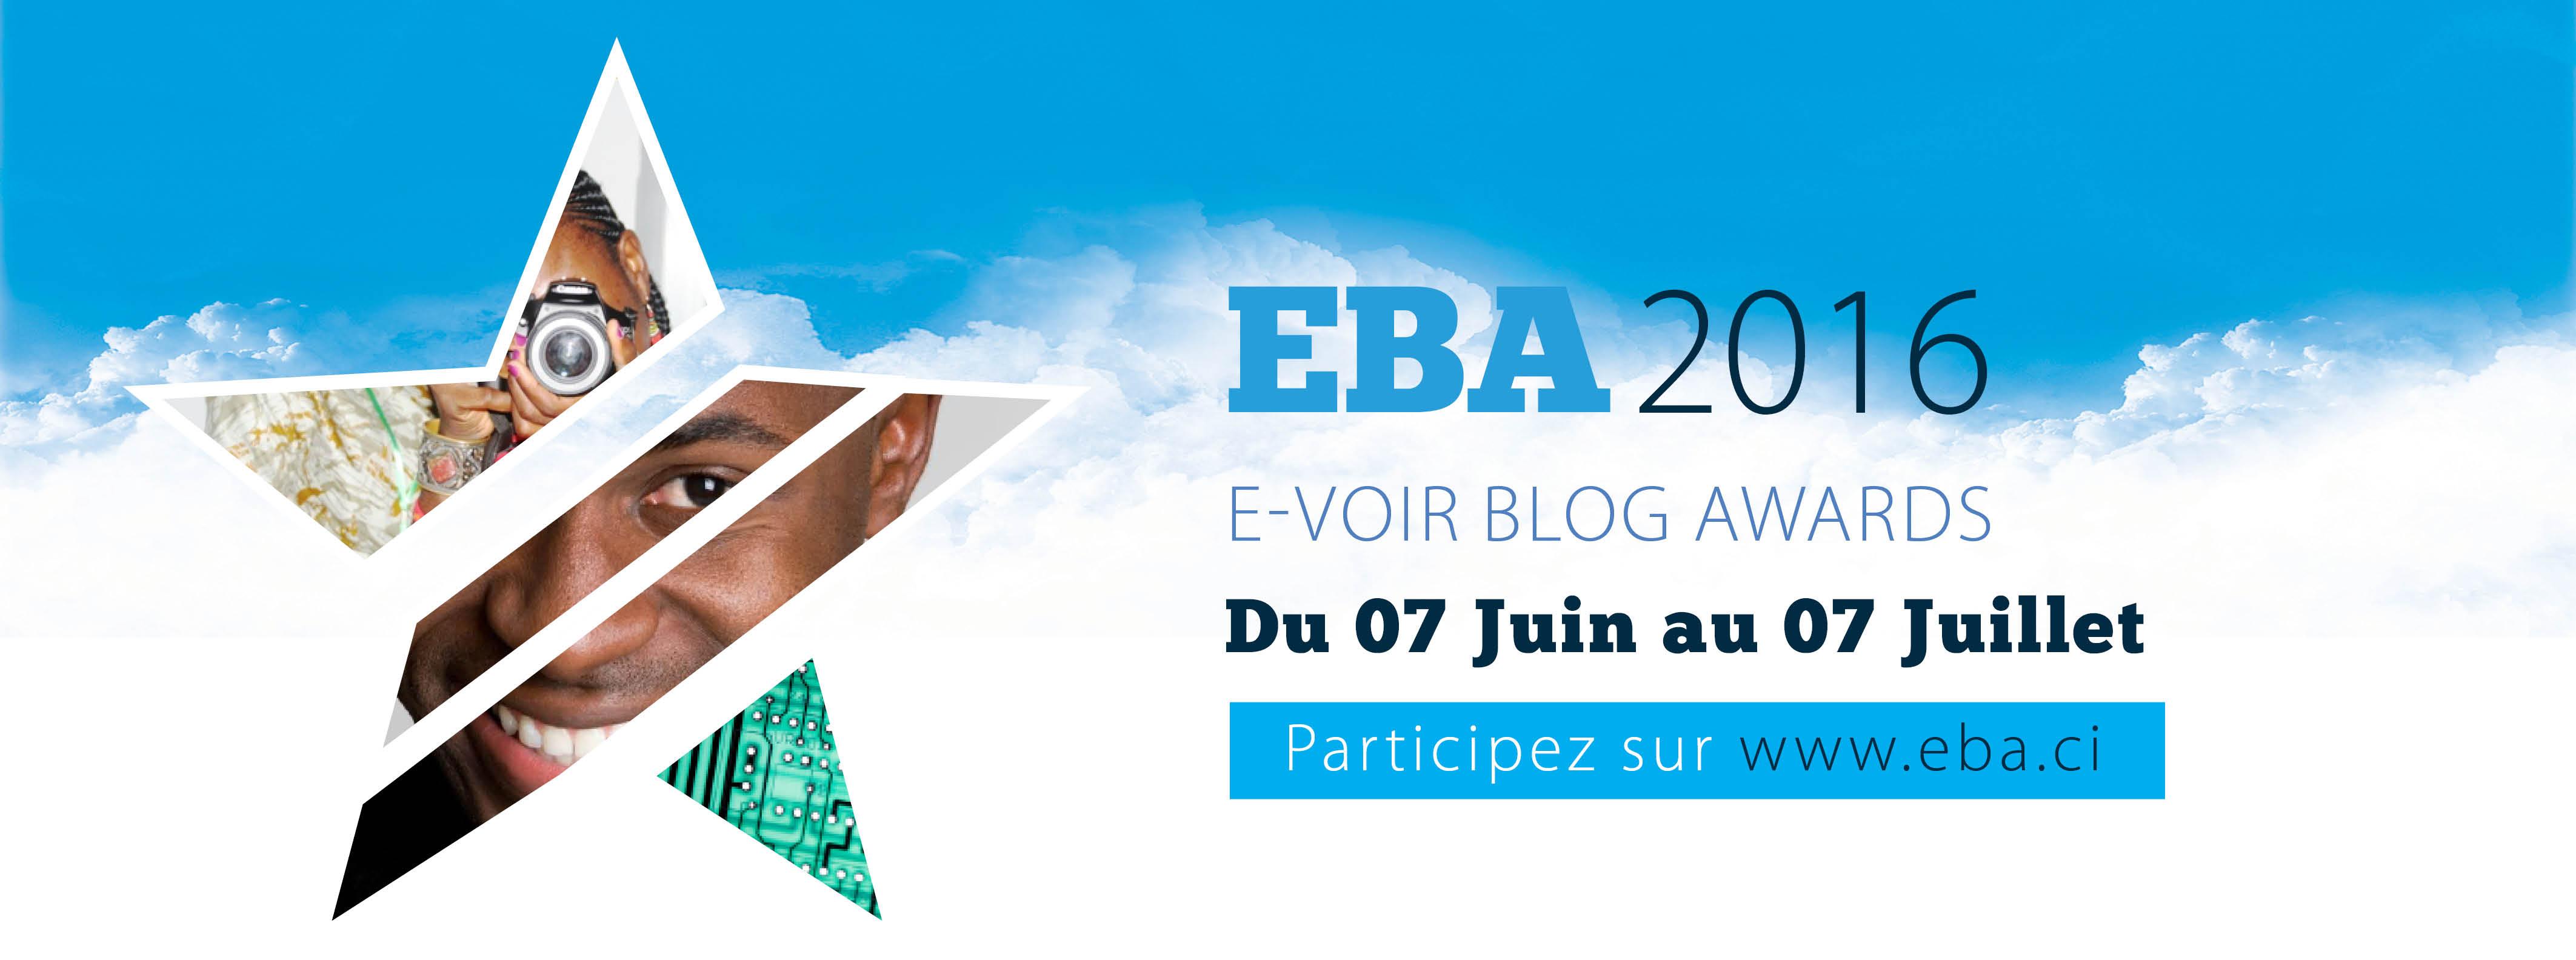 La 3e édition du Concours National de Blog est lancée !